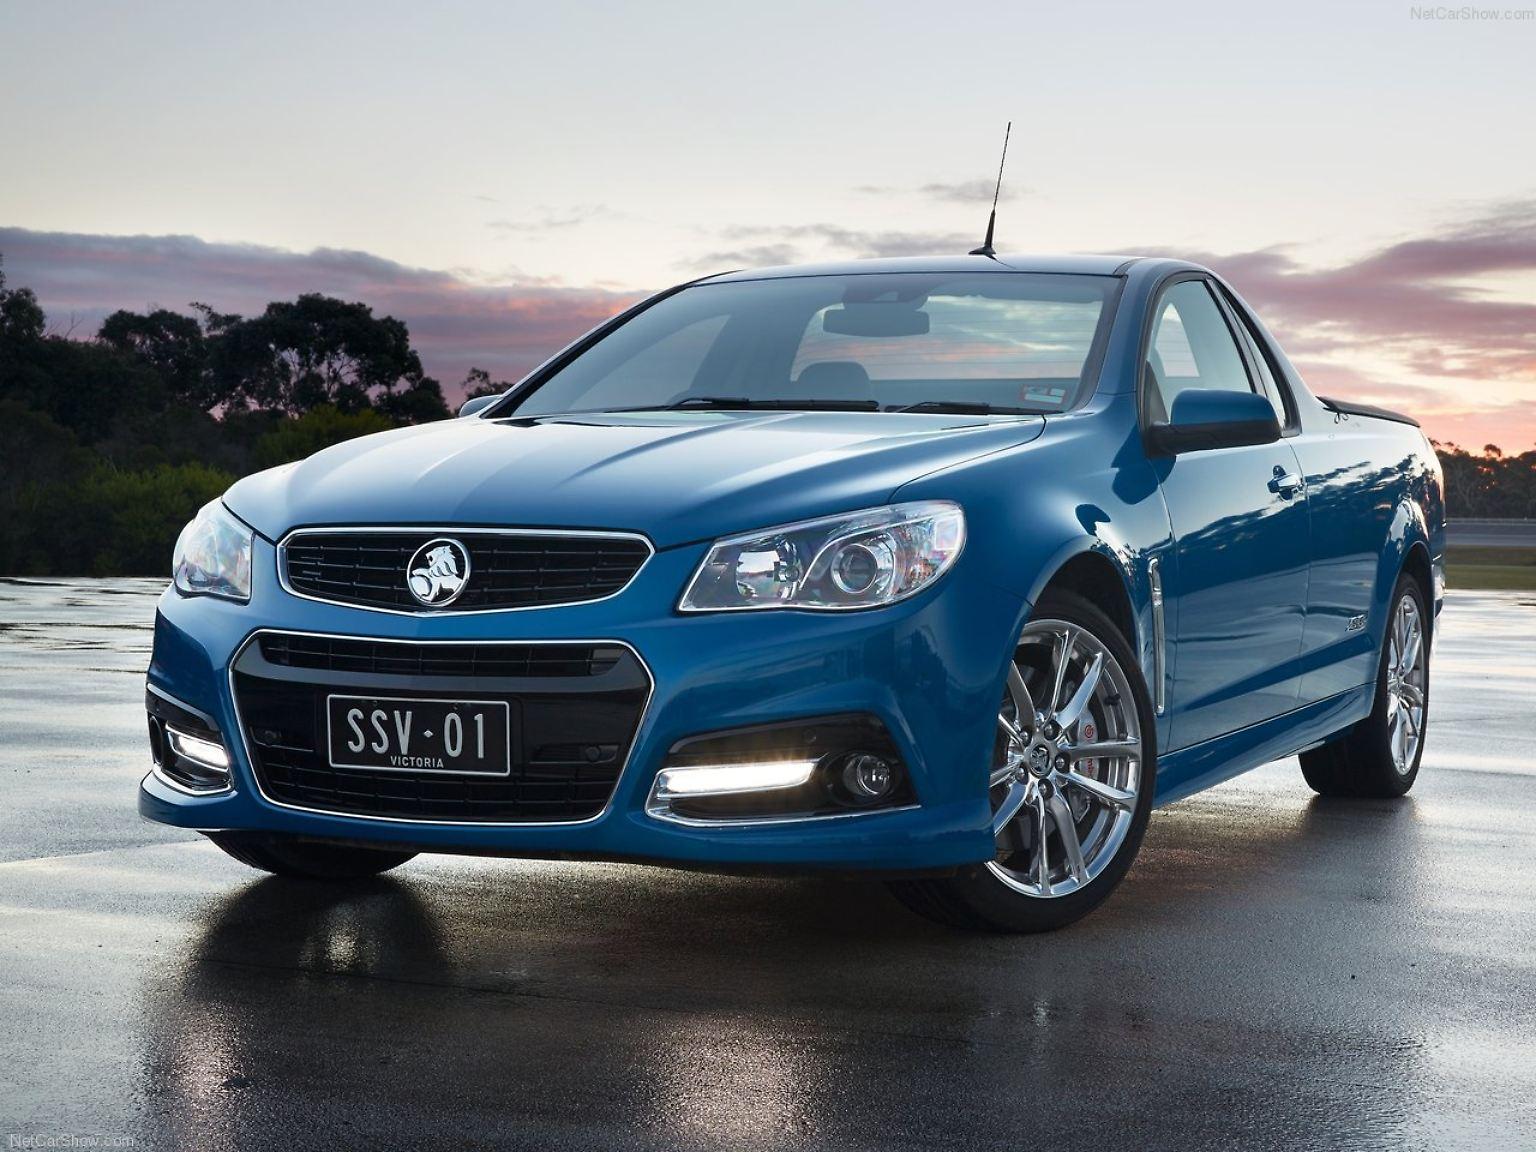 Holden-VF_Commodore_Ute_SSV_Redline-2014-1280-01.jpg